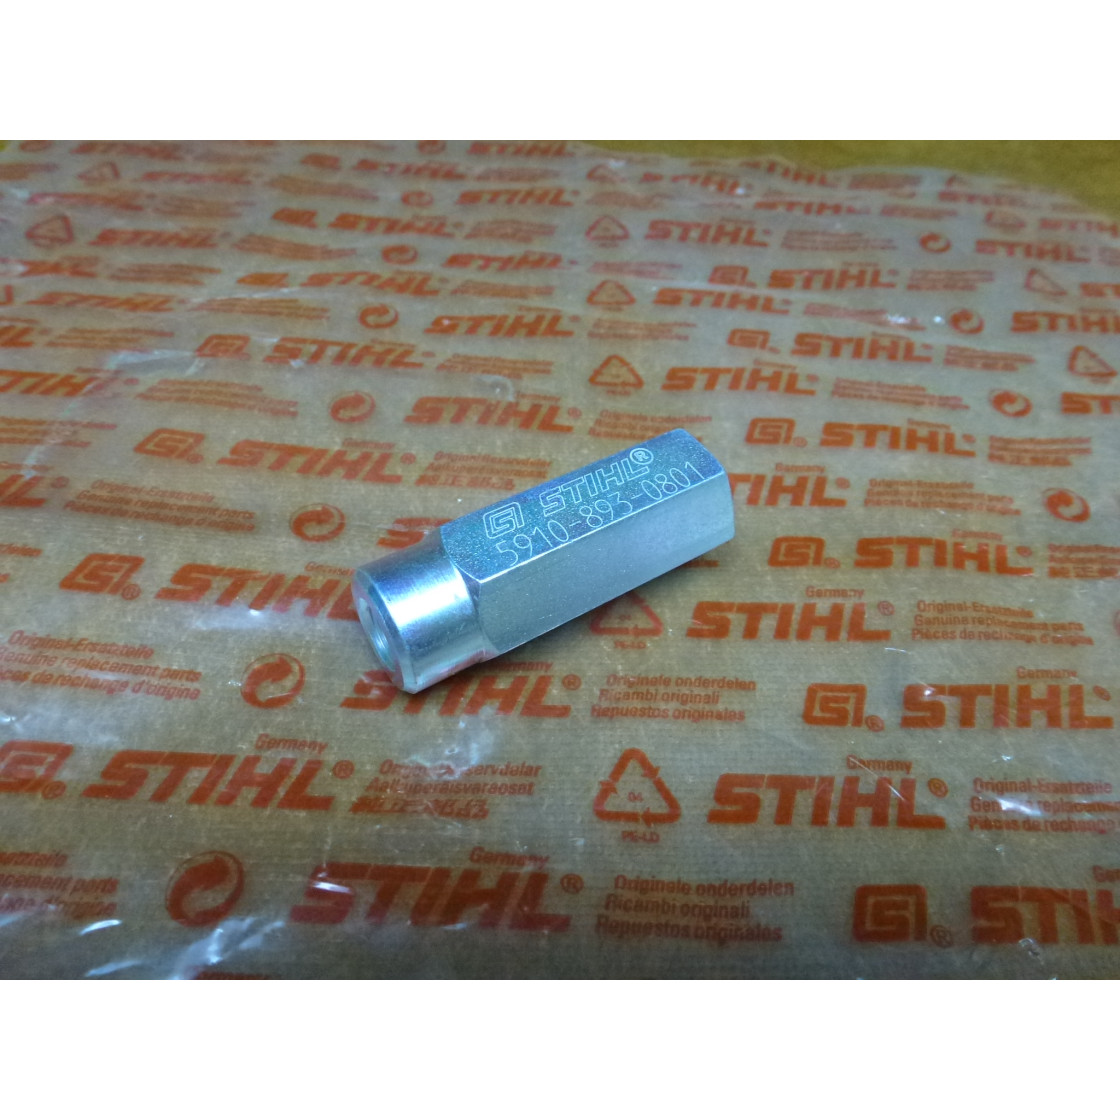 1106 Stihl Werkzeug Polrad Schwungrad Abzieher MS650 MS660 TS350 360 700 800